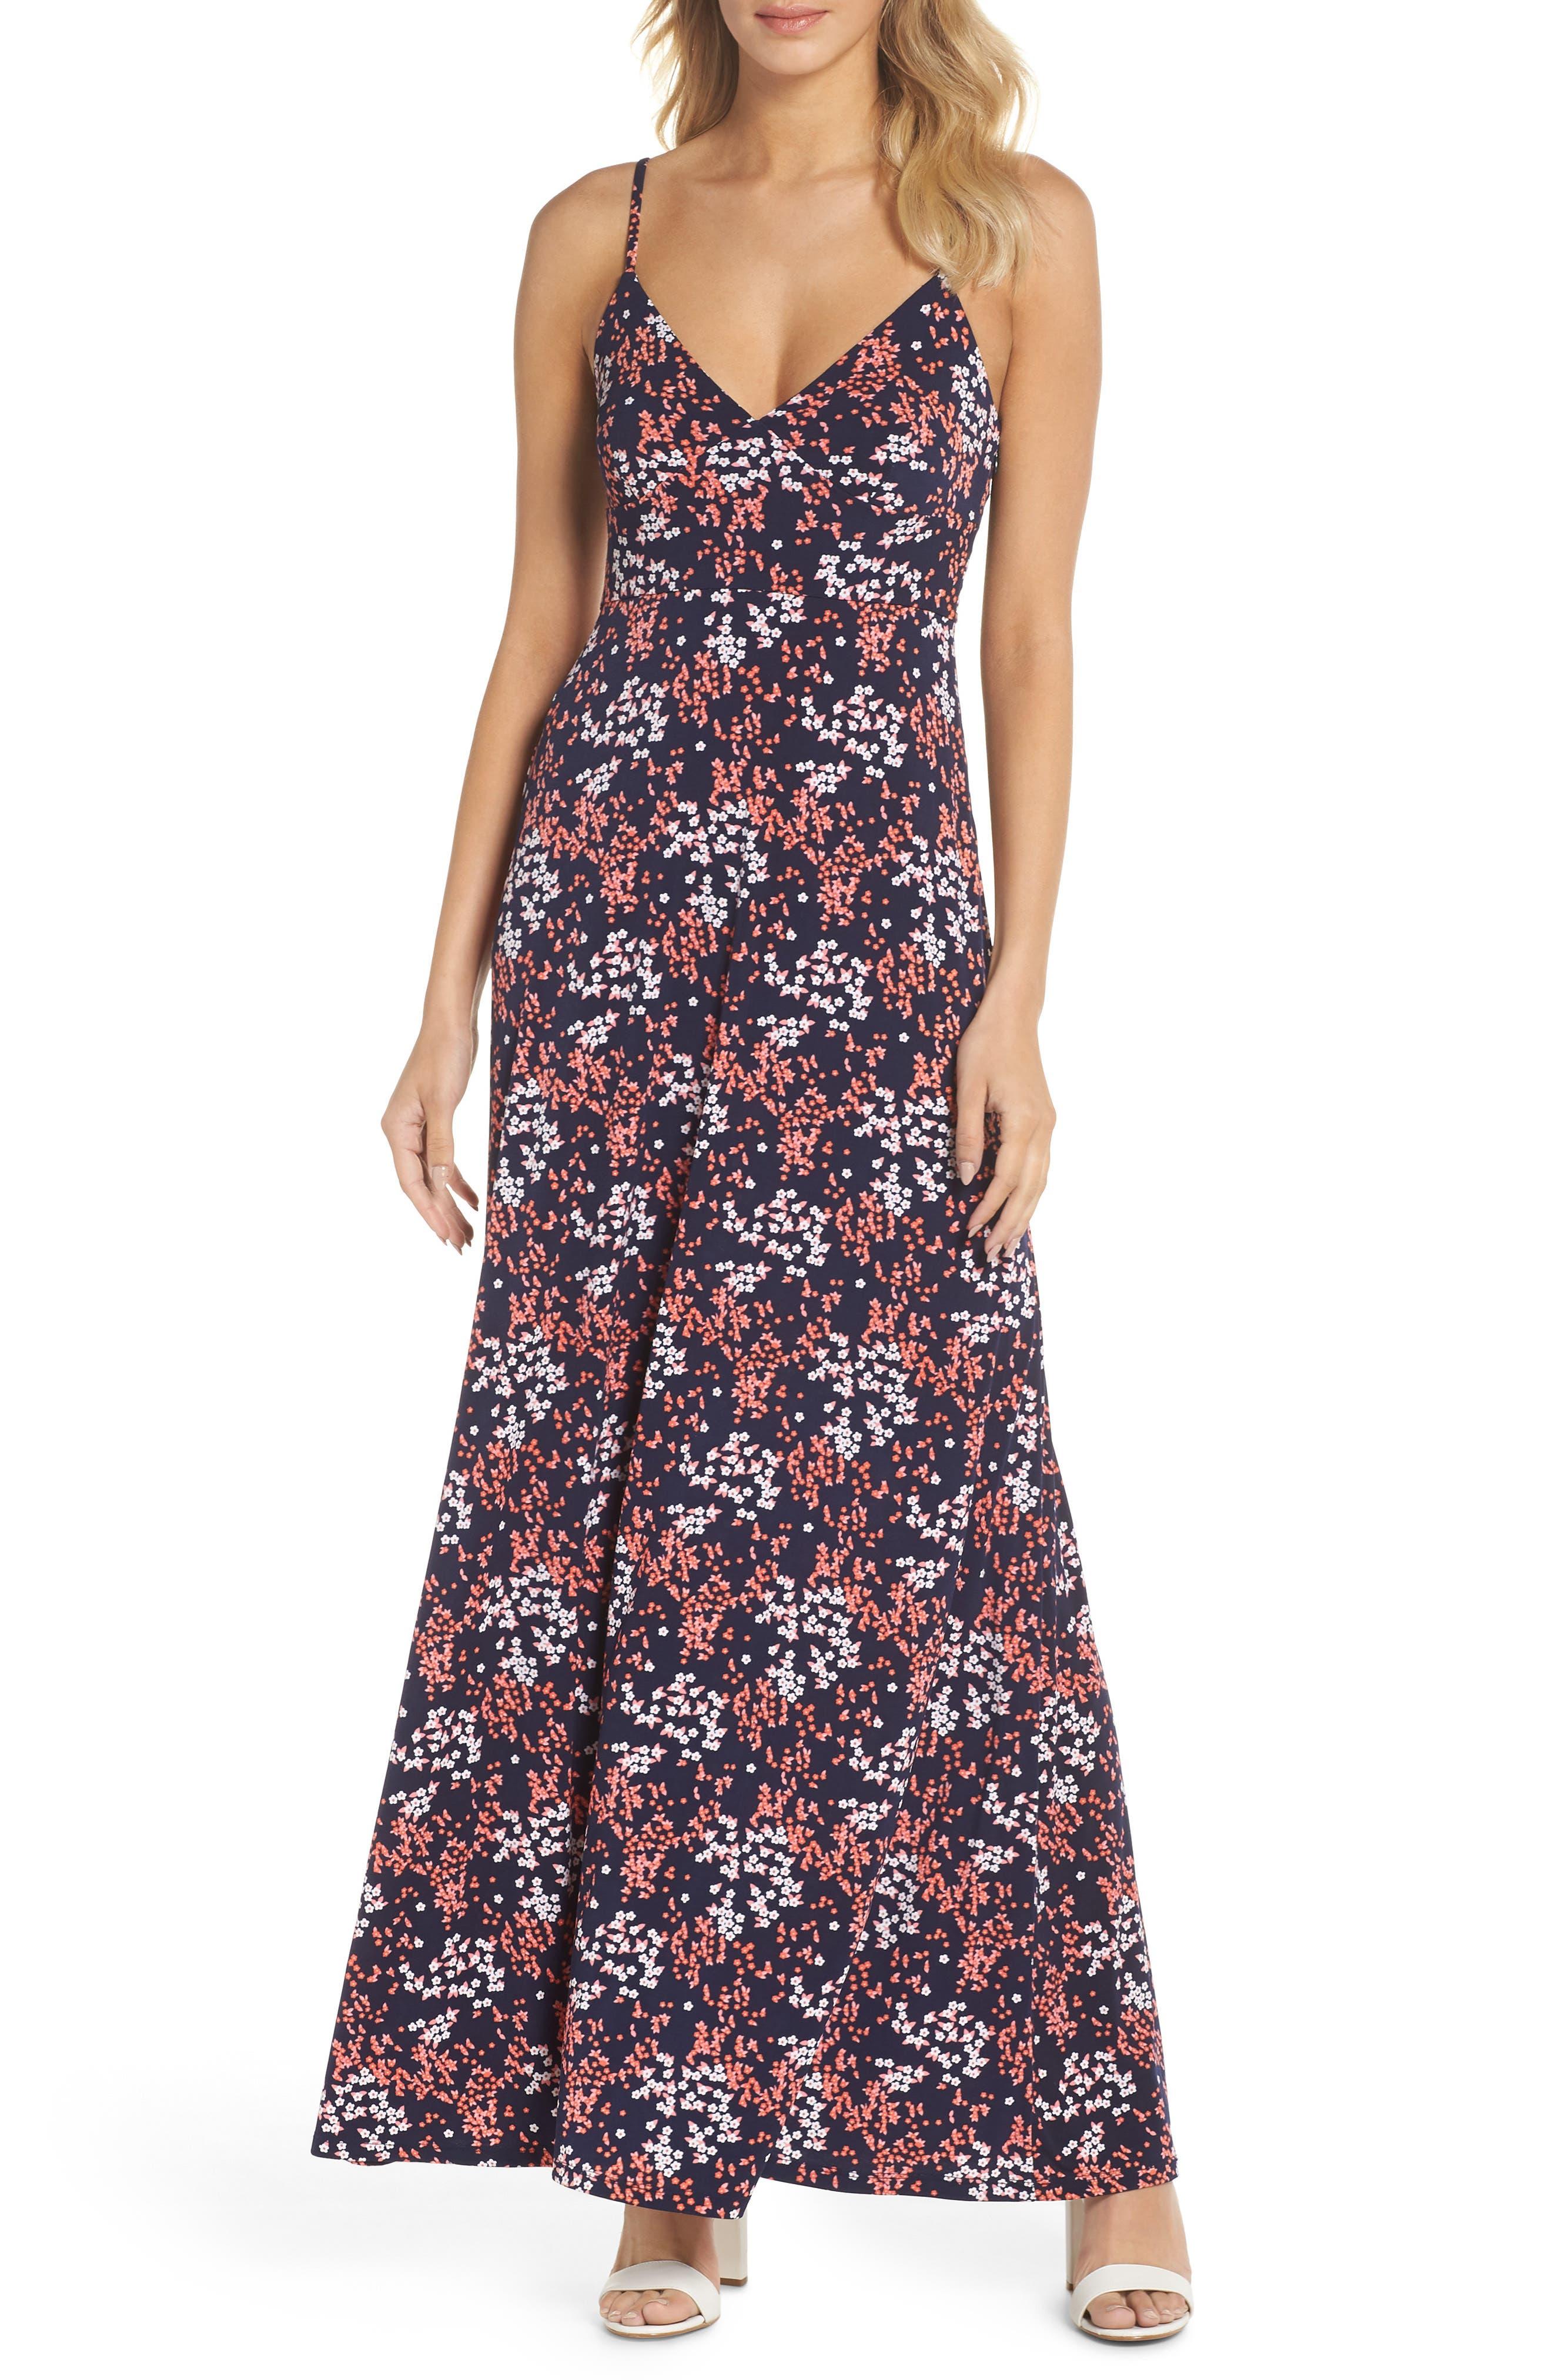 Bloom Maxi Dress,                         Main,                         color,